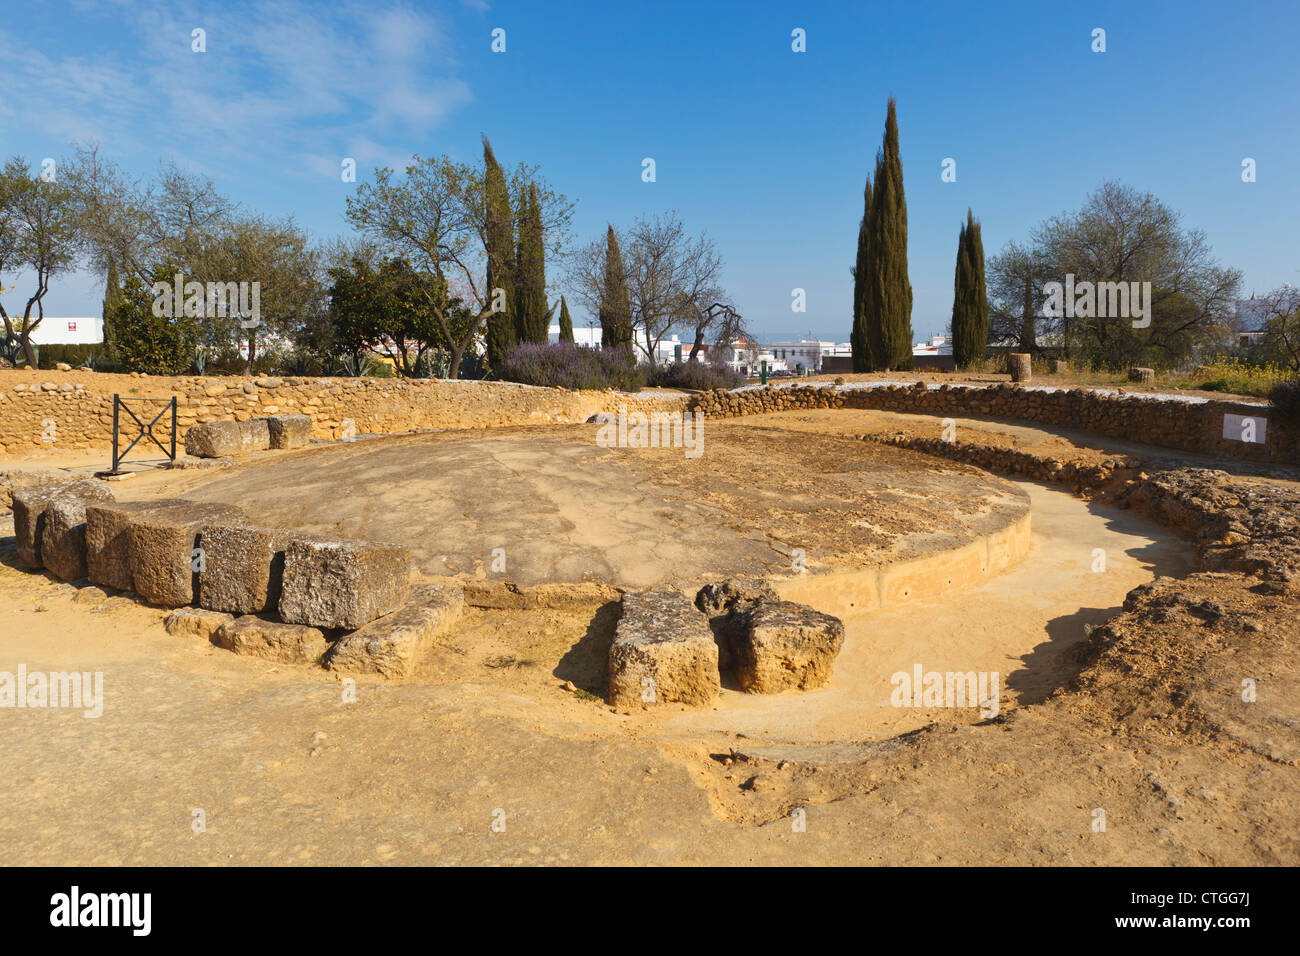 Mausoleo di circolare nella necropoli romana del complesso archeologico, Carmona, provincia di Siviglia, Spagna. Immagini Stock